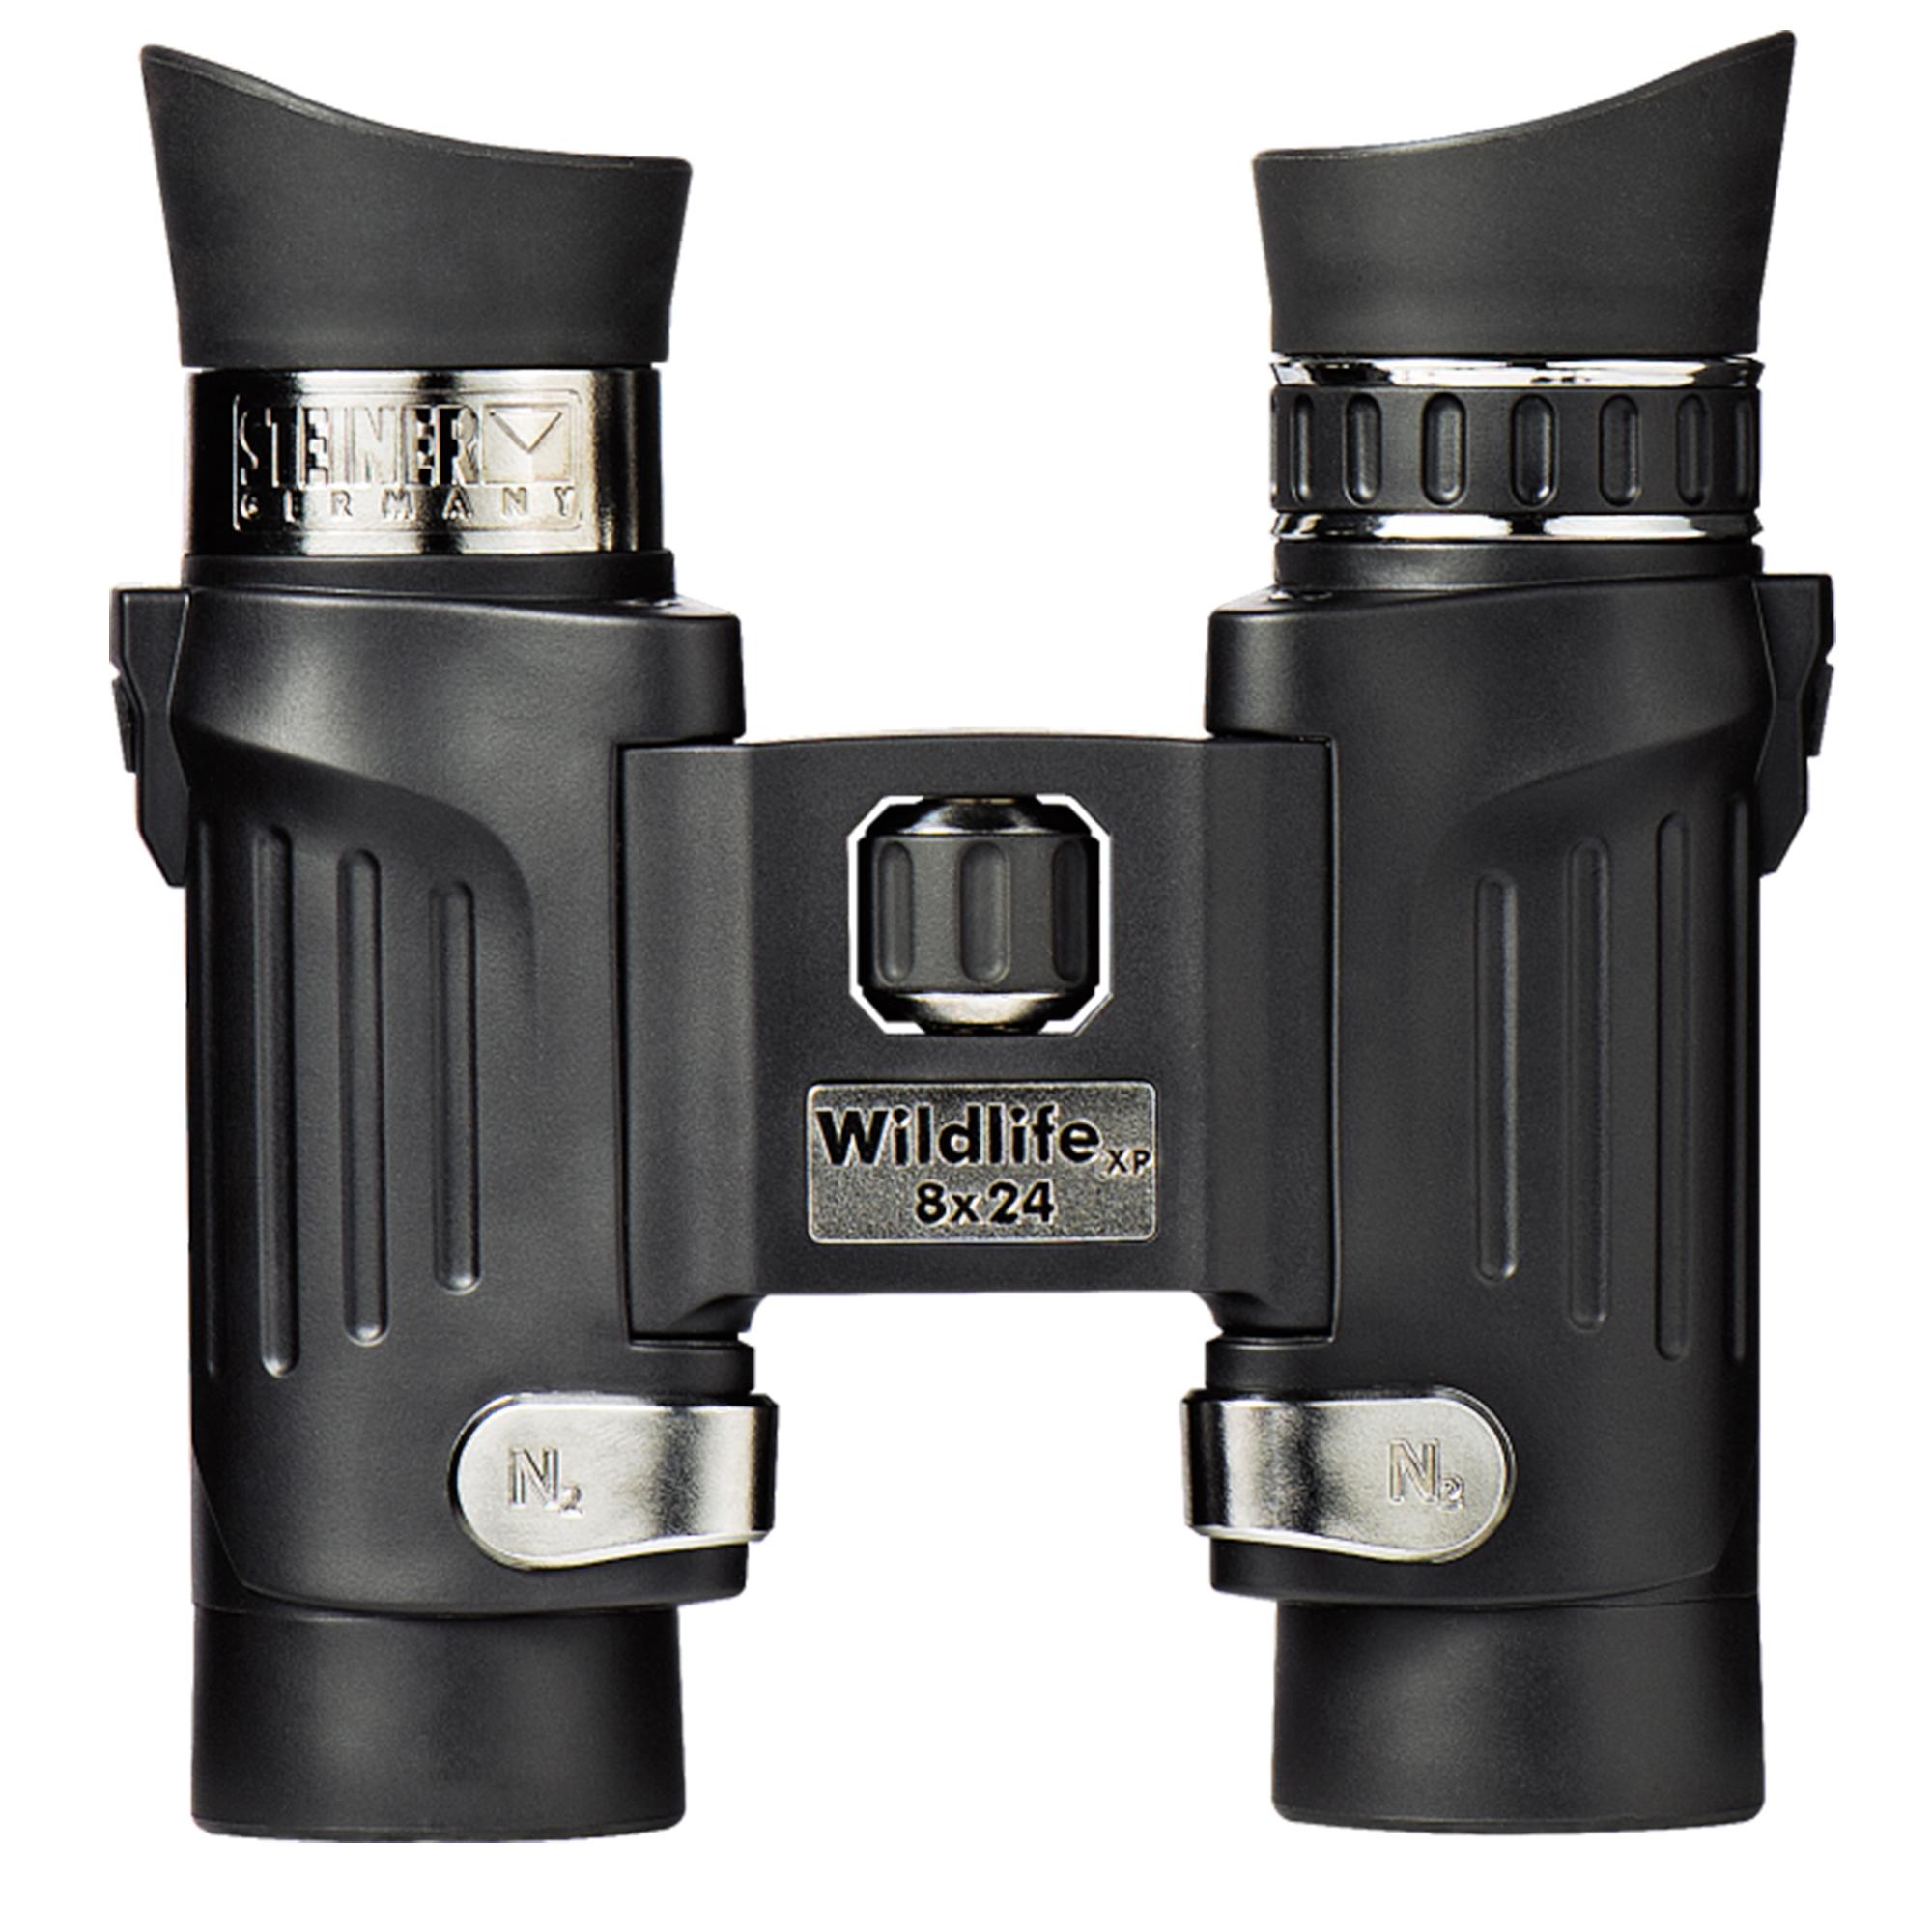 Steiner Wildlife XP Compact 8x24 Binocular